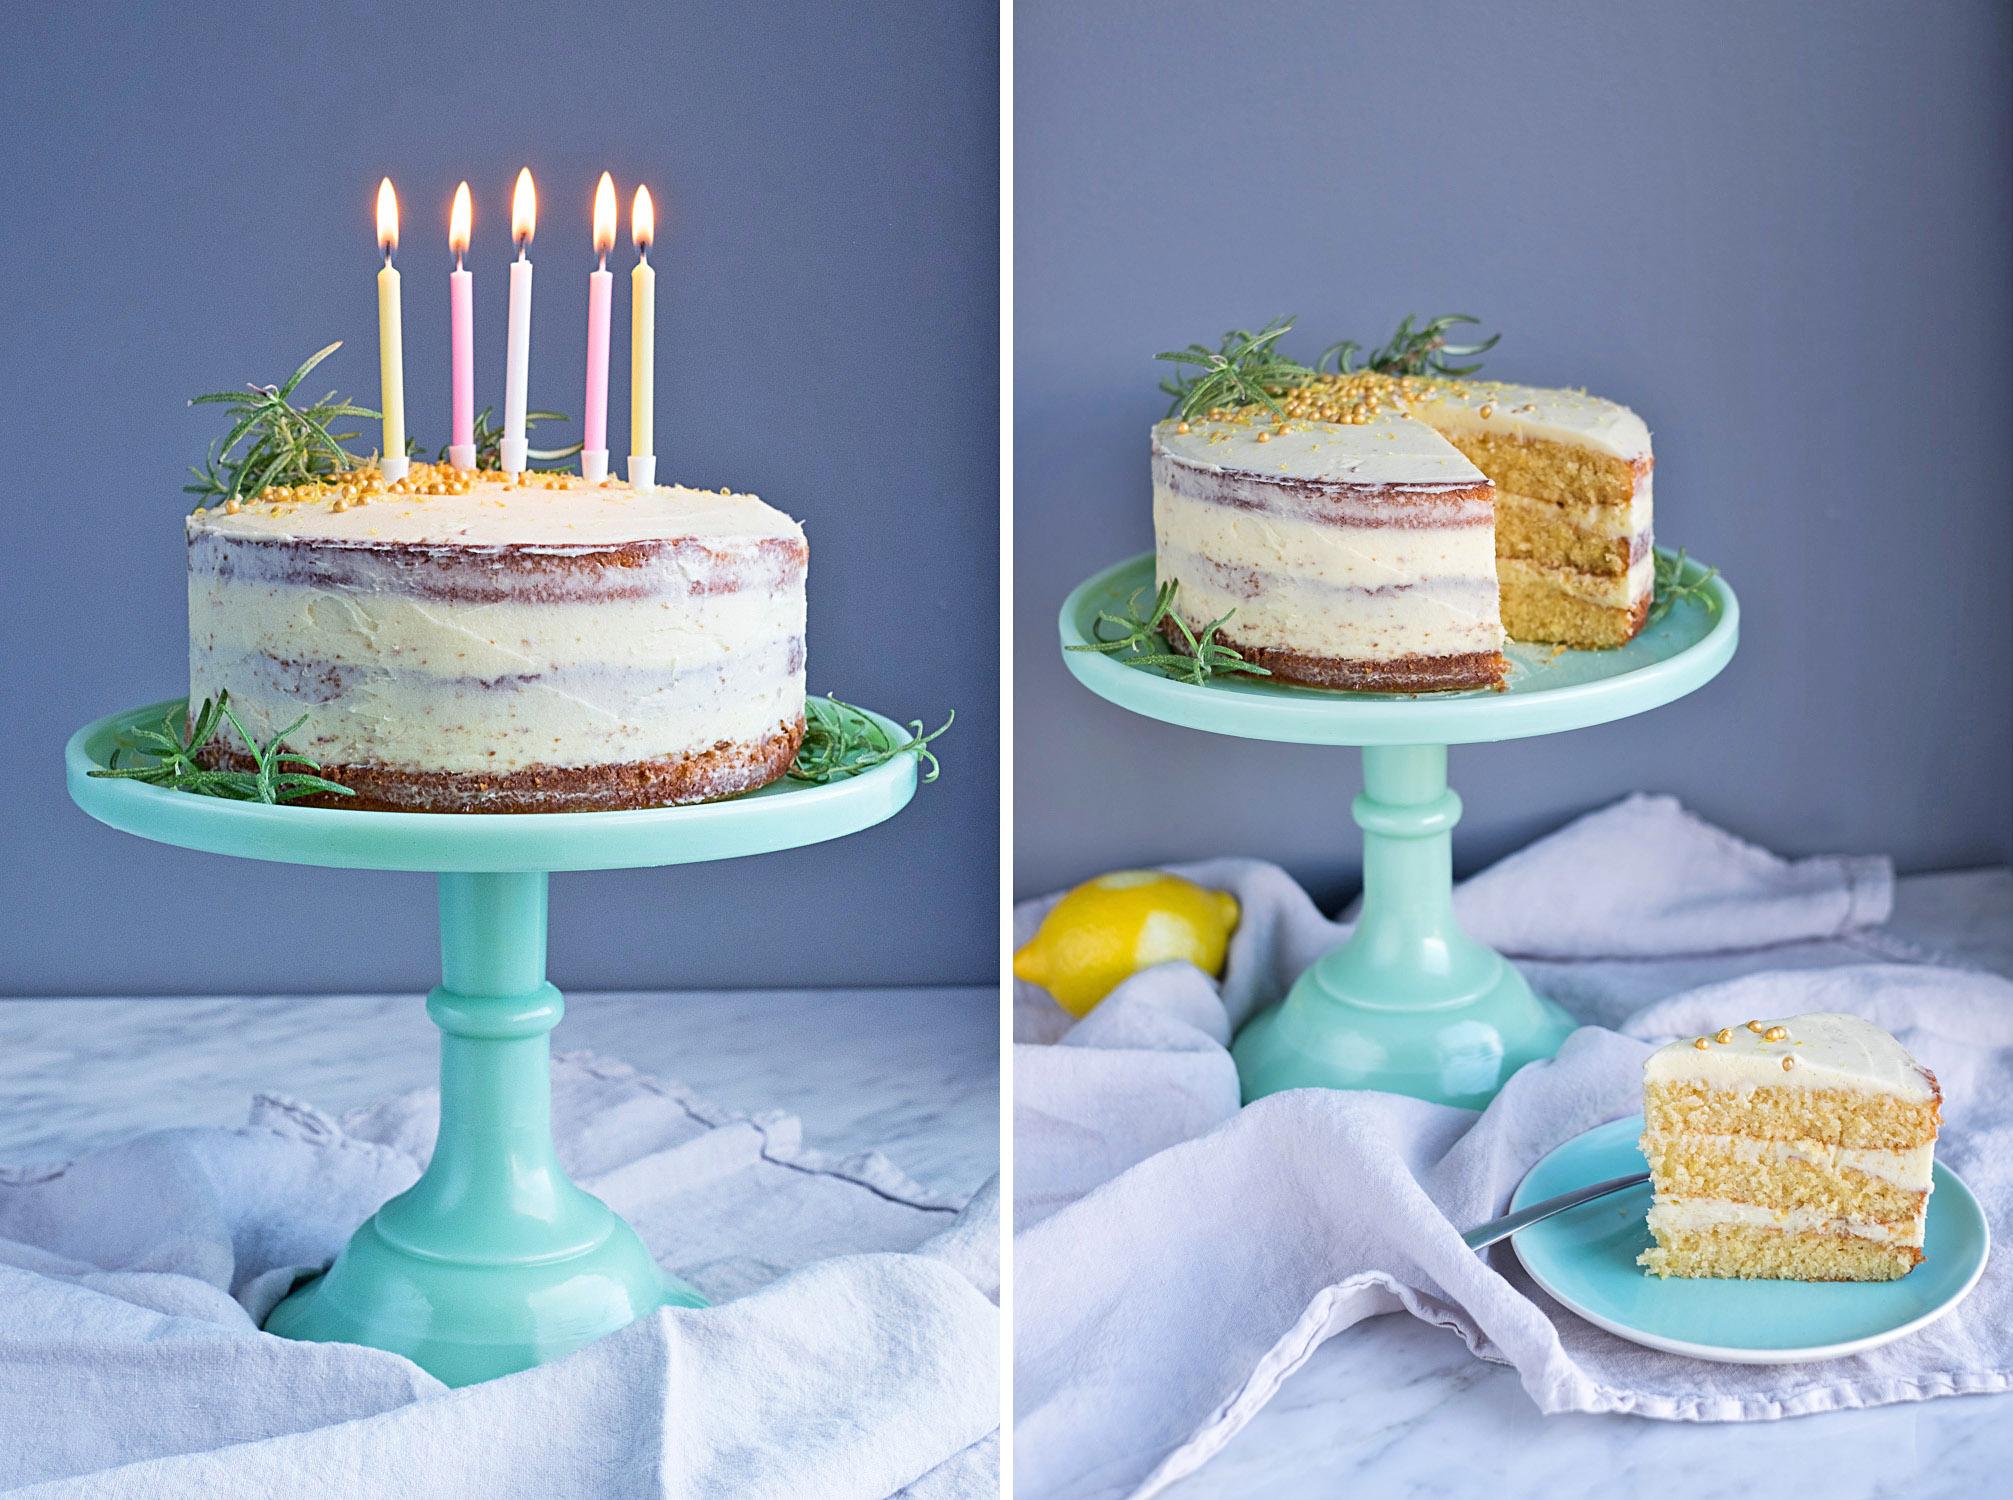 Lemon Cake with Rosemary Buttercream Frosting.